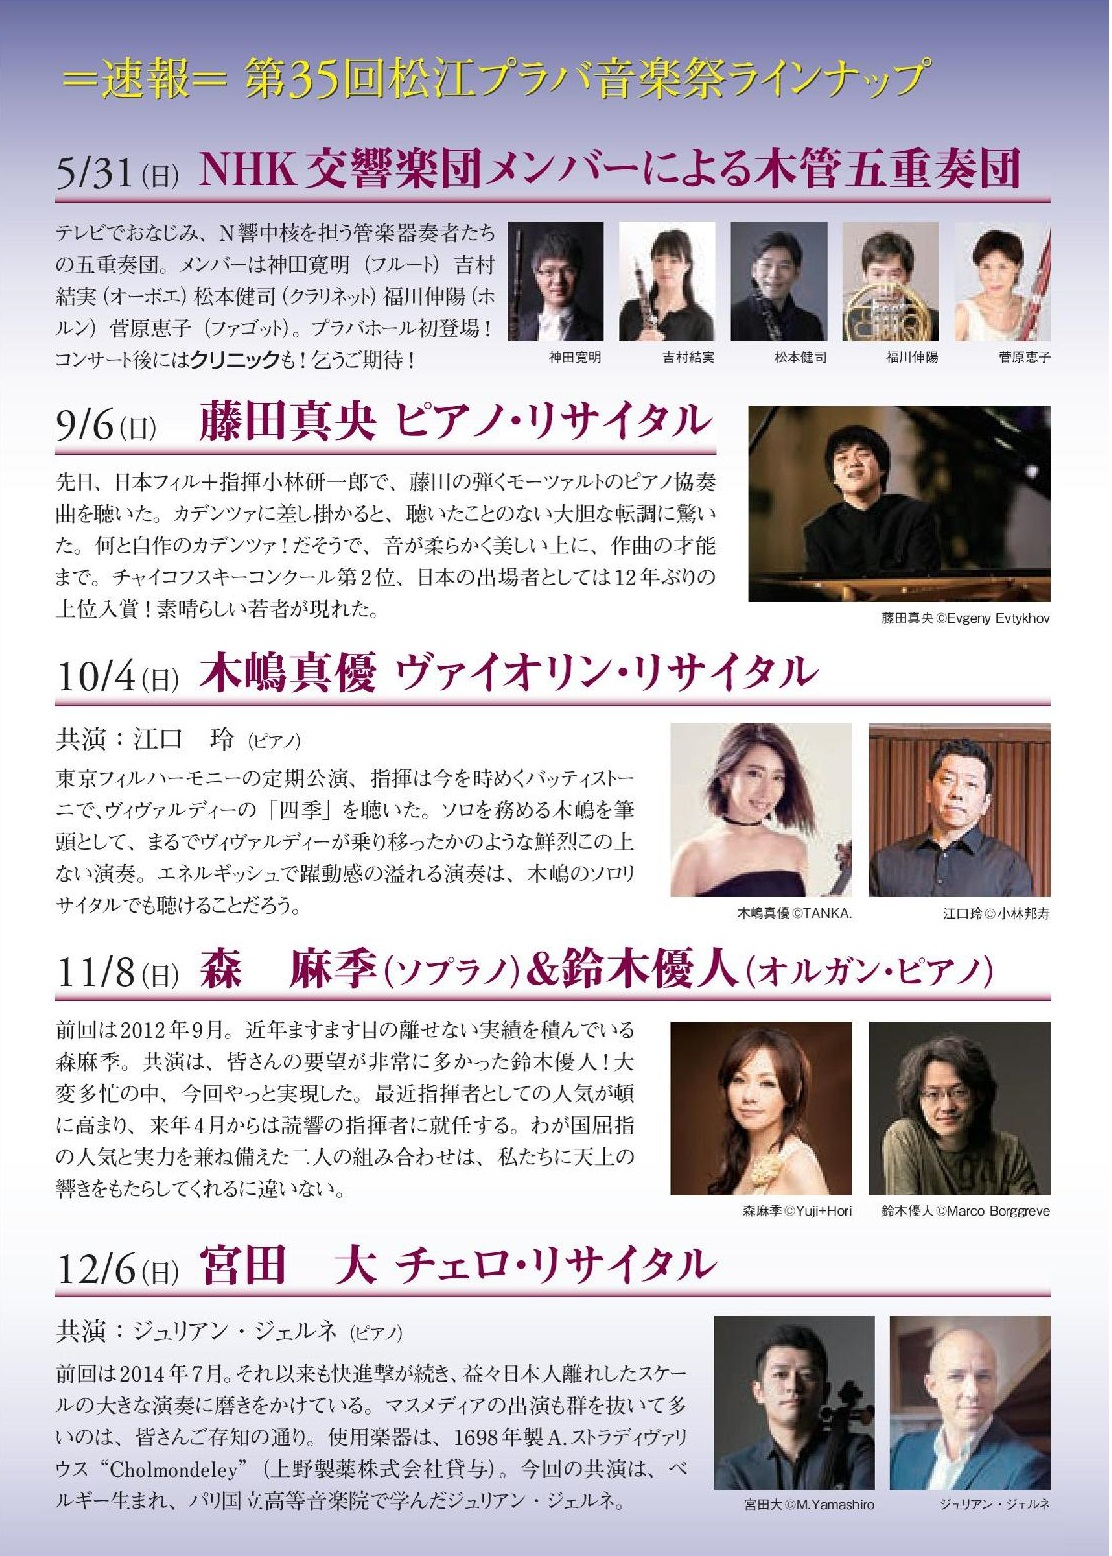 【第35回松江プラバ音楽祭 ラインナップ】